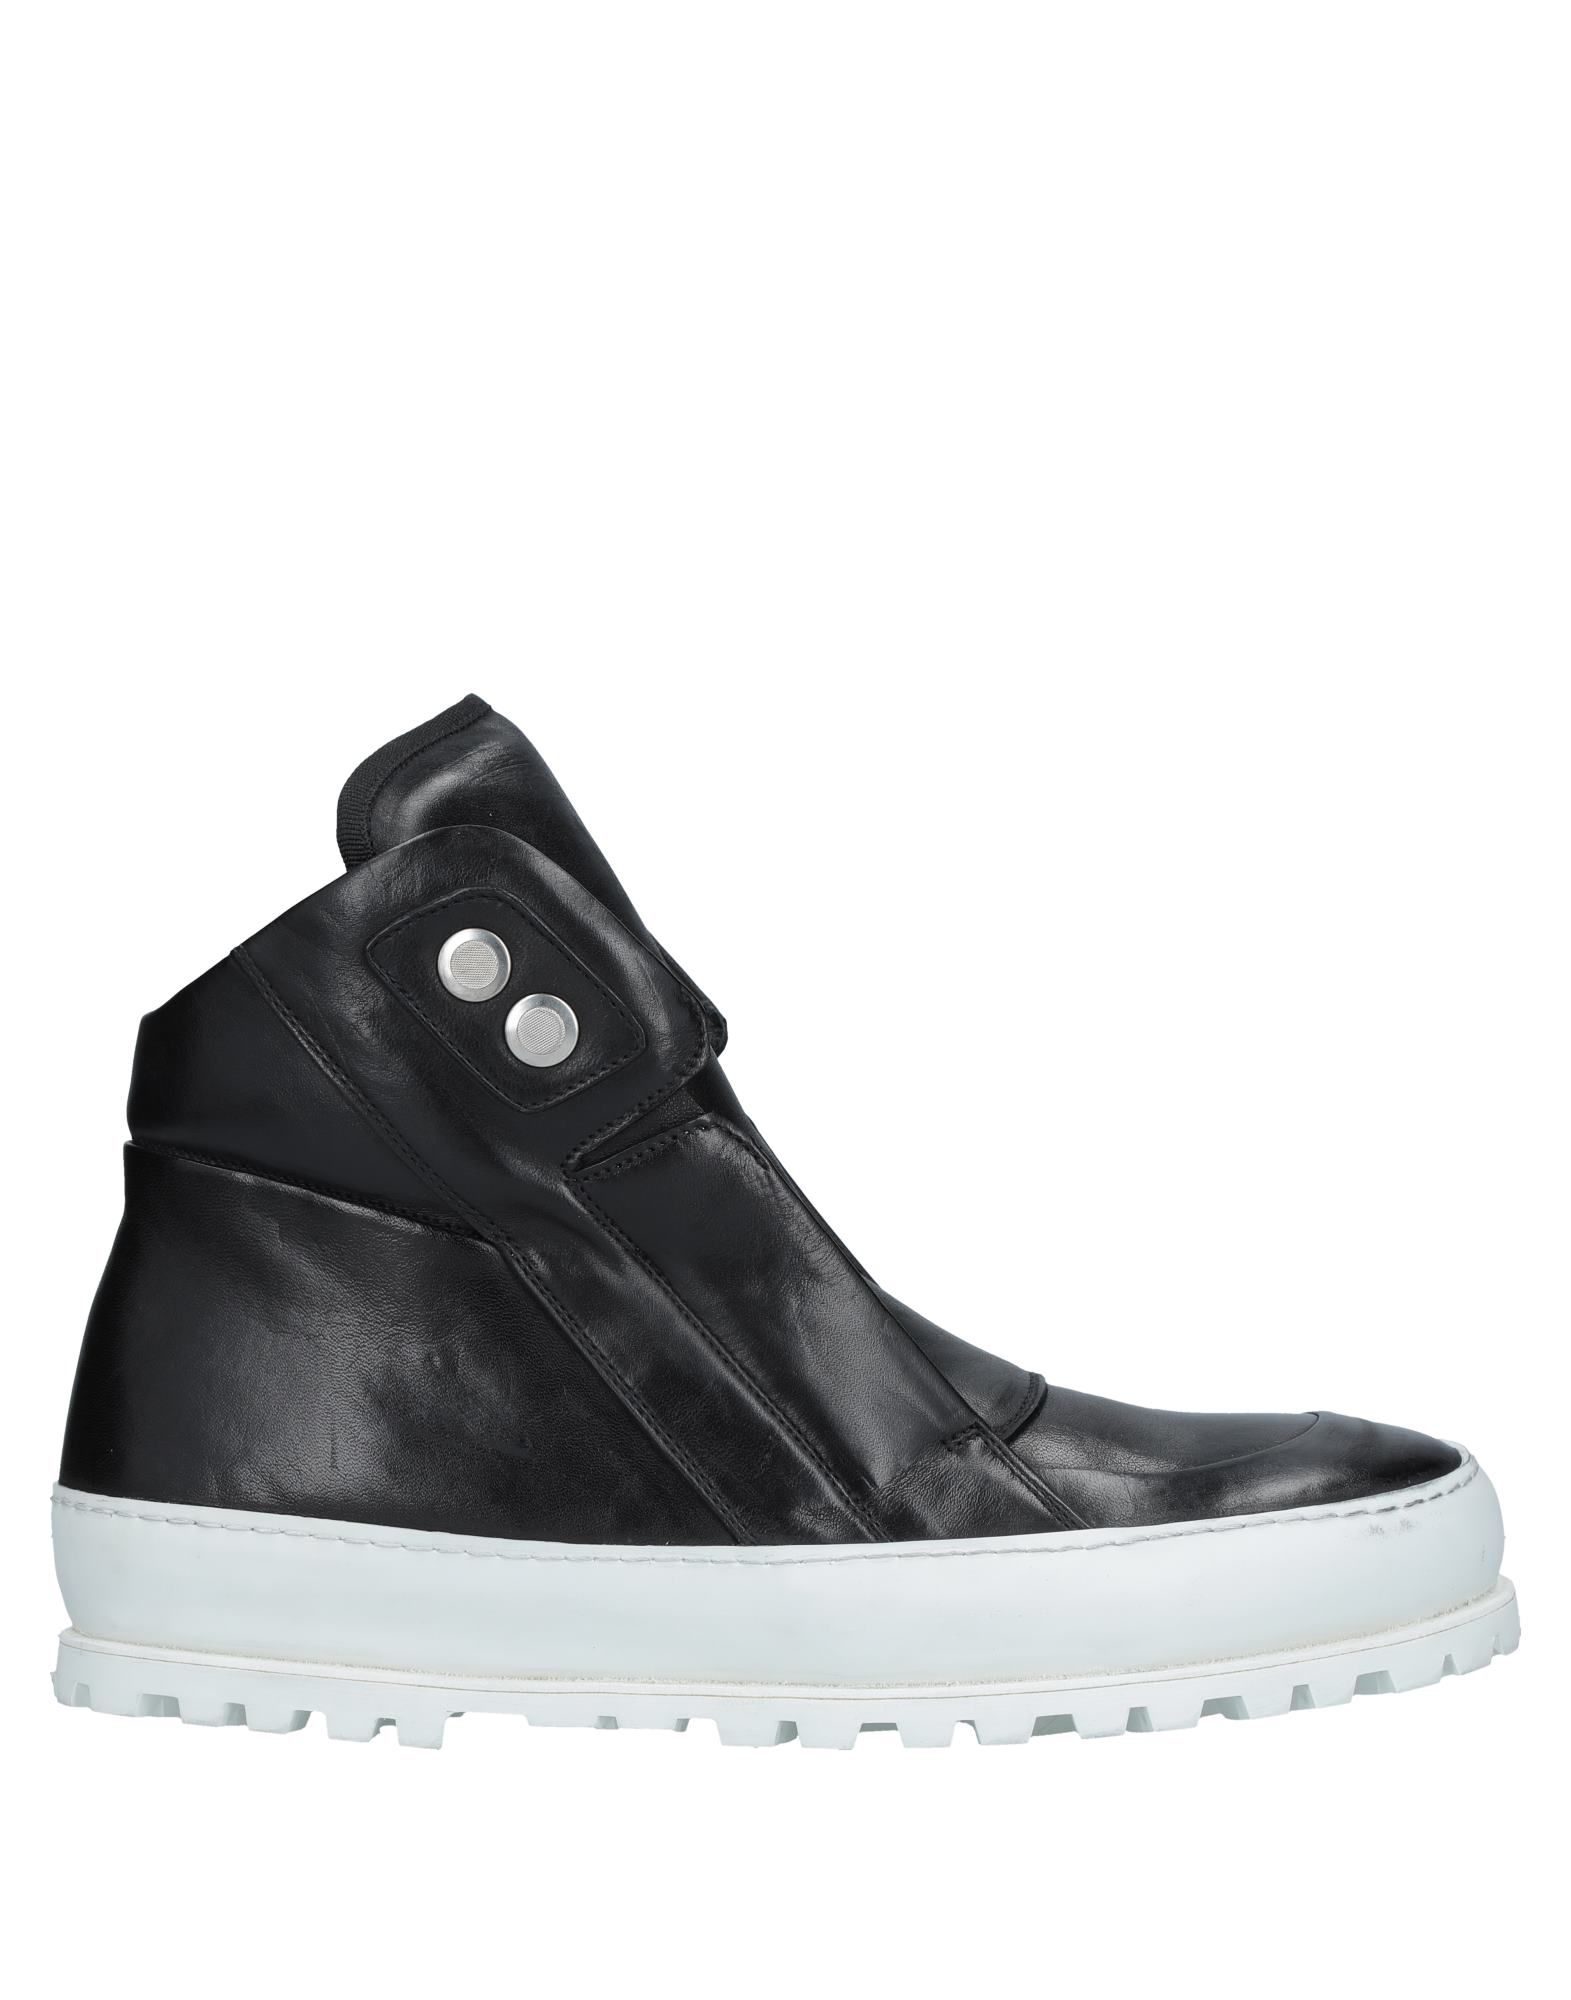 Scarpe economiche e resistenti Sneakers Premiata Uomo - 11528606SX